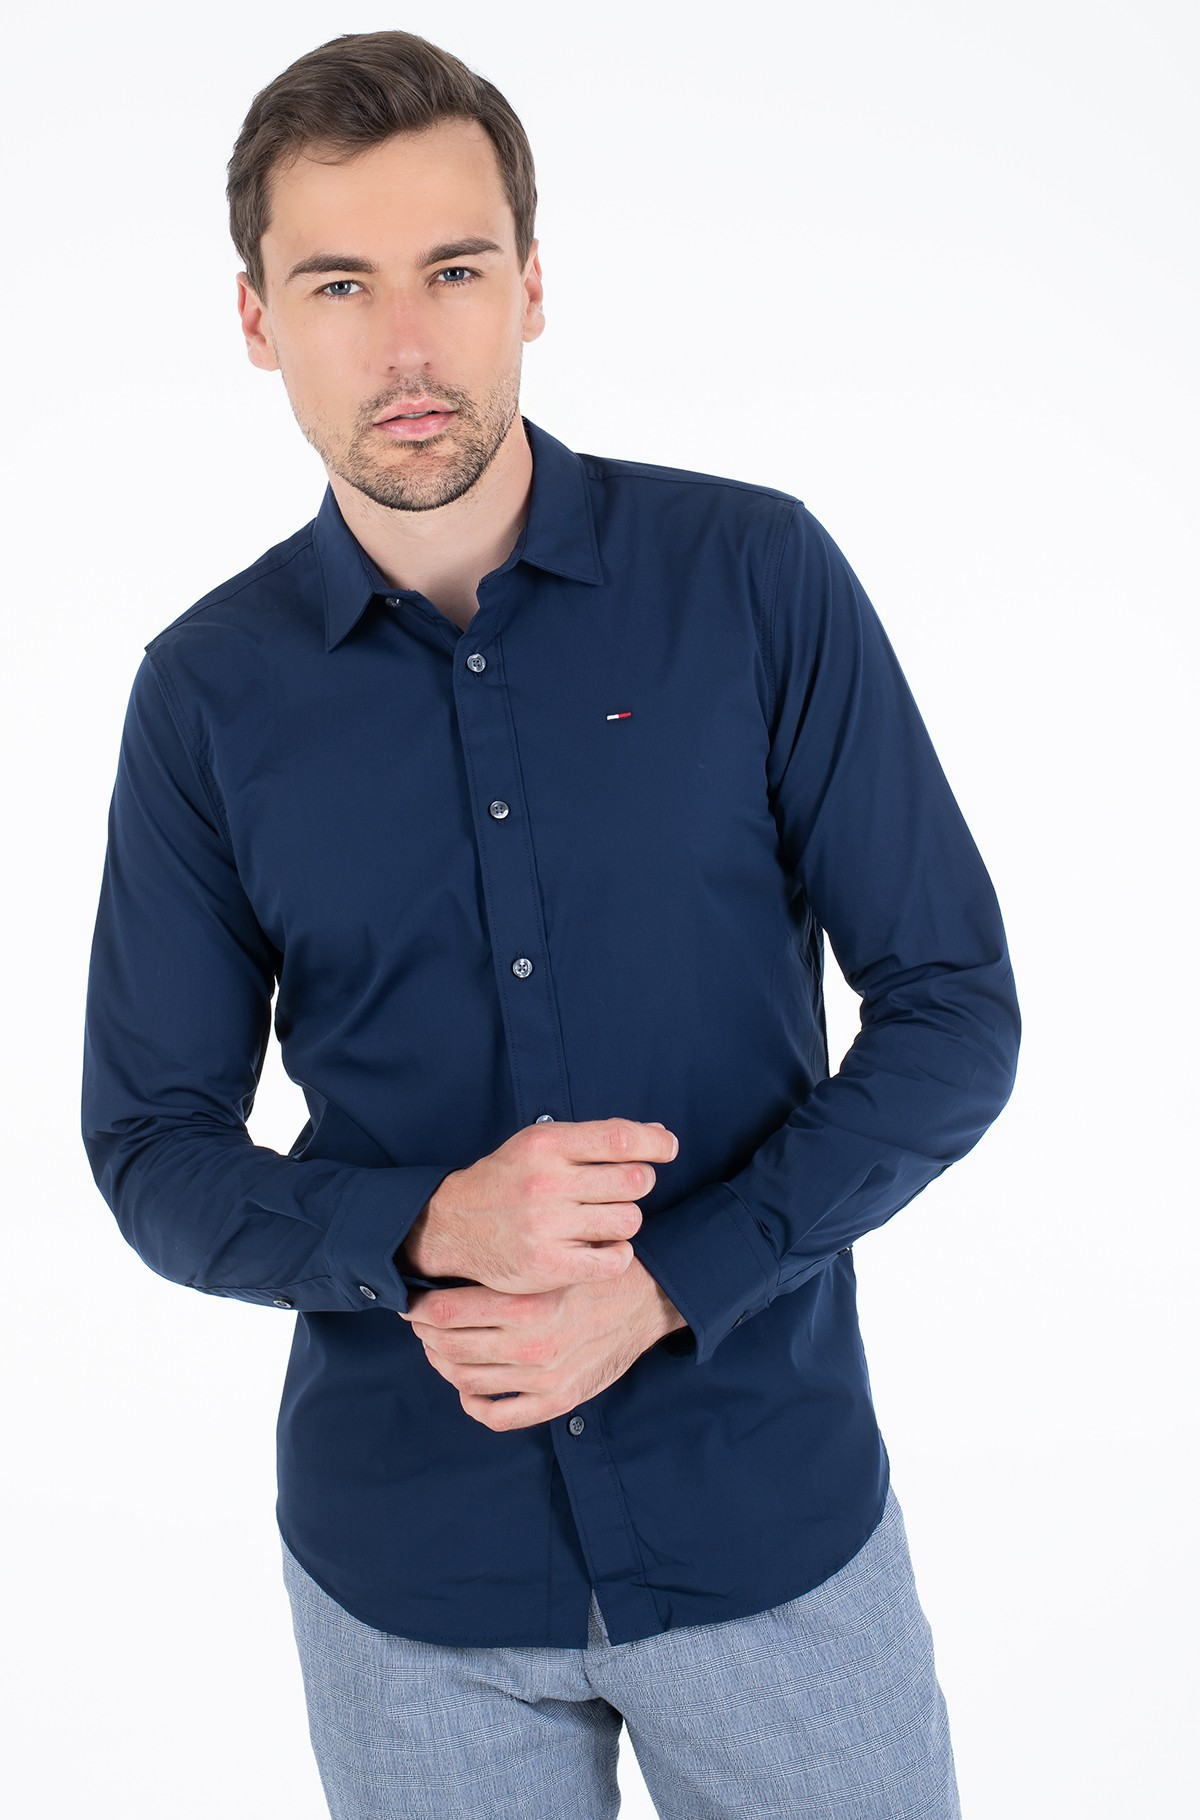 Shirt TJM ORIGINAL STRETCH SHIRT-full-1